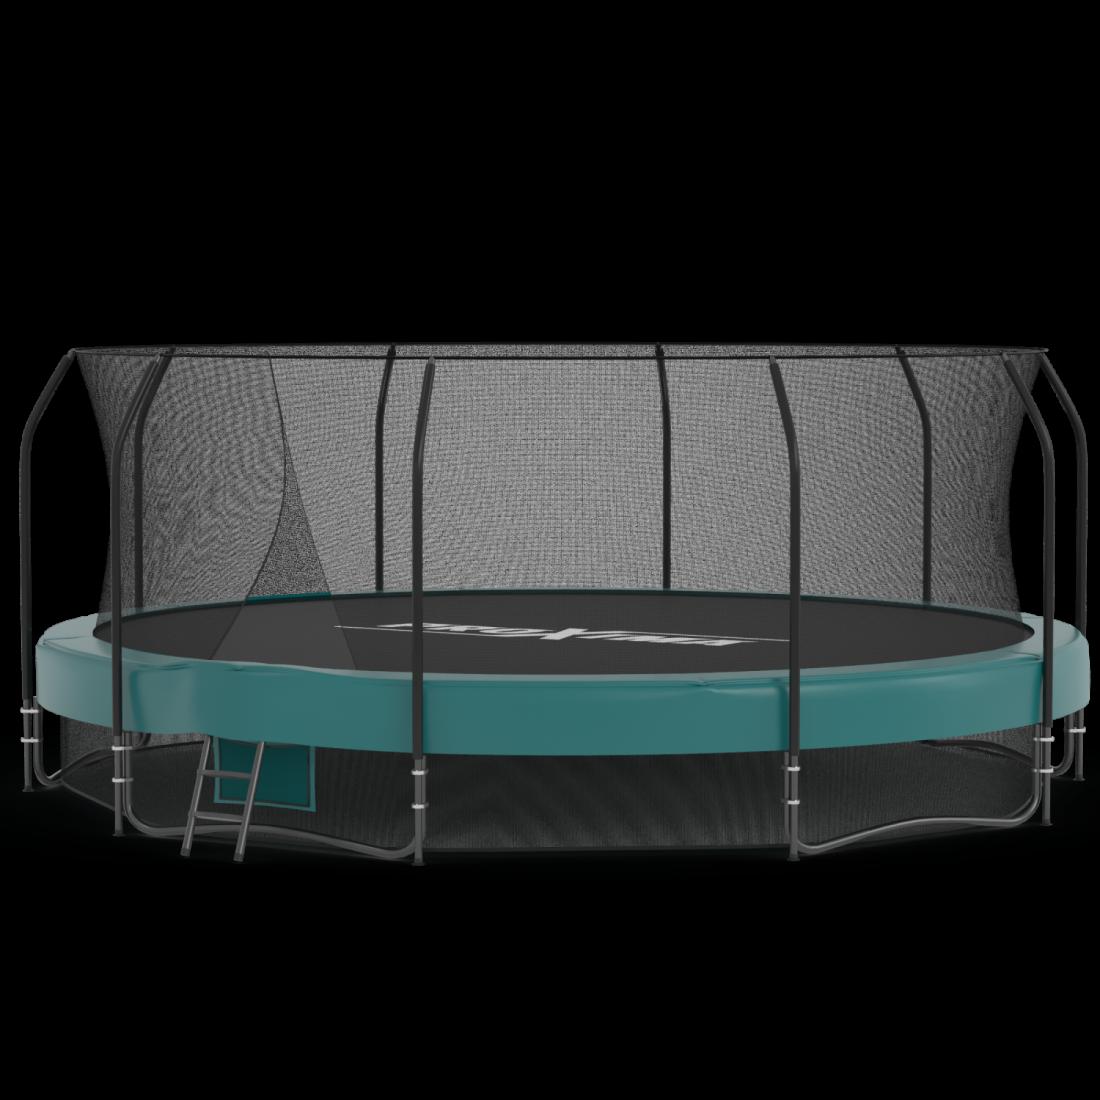 Батут Proxima Premium (457 см, до 160 кг)